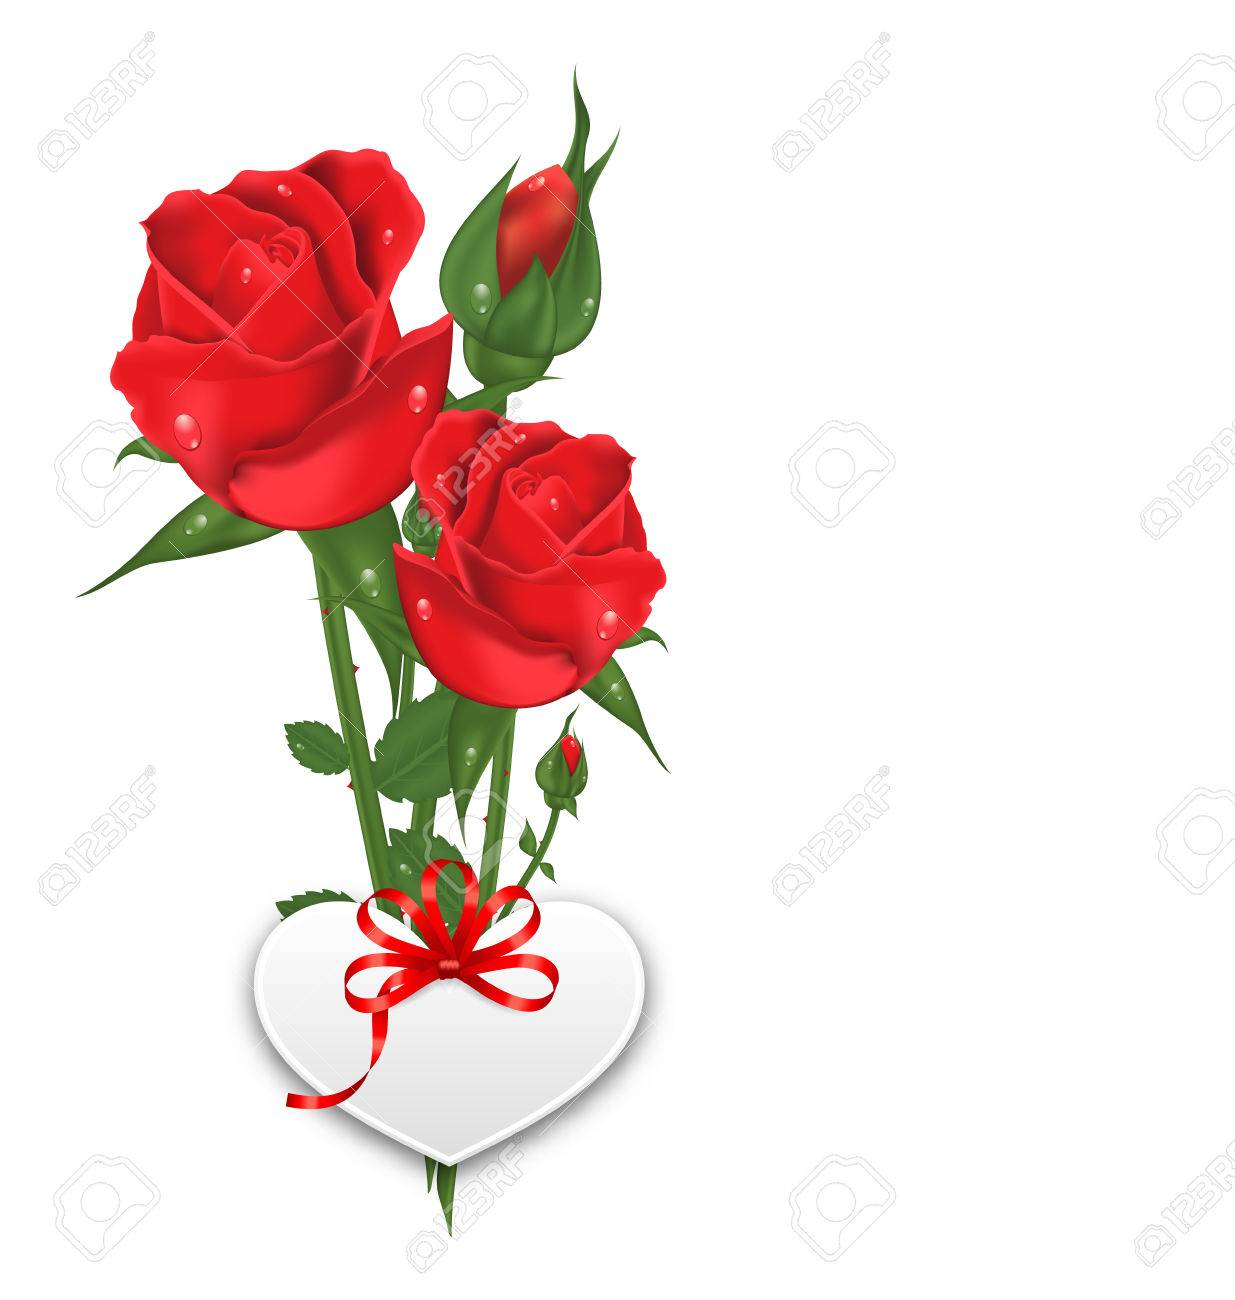 Ilustracion Del Ramo De Hermosas Flores Rosas Con La Postal De Papel